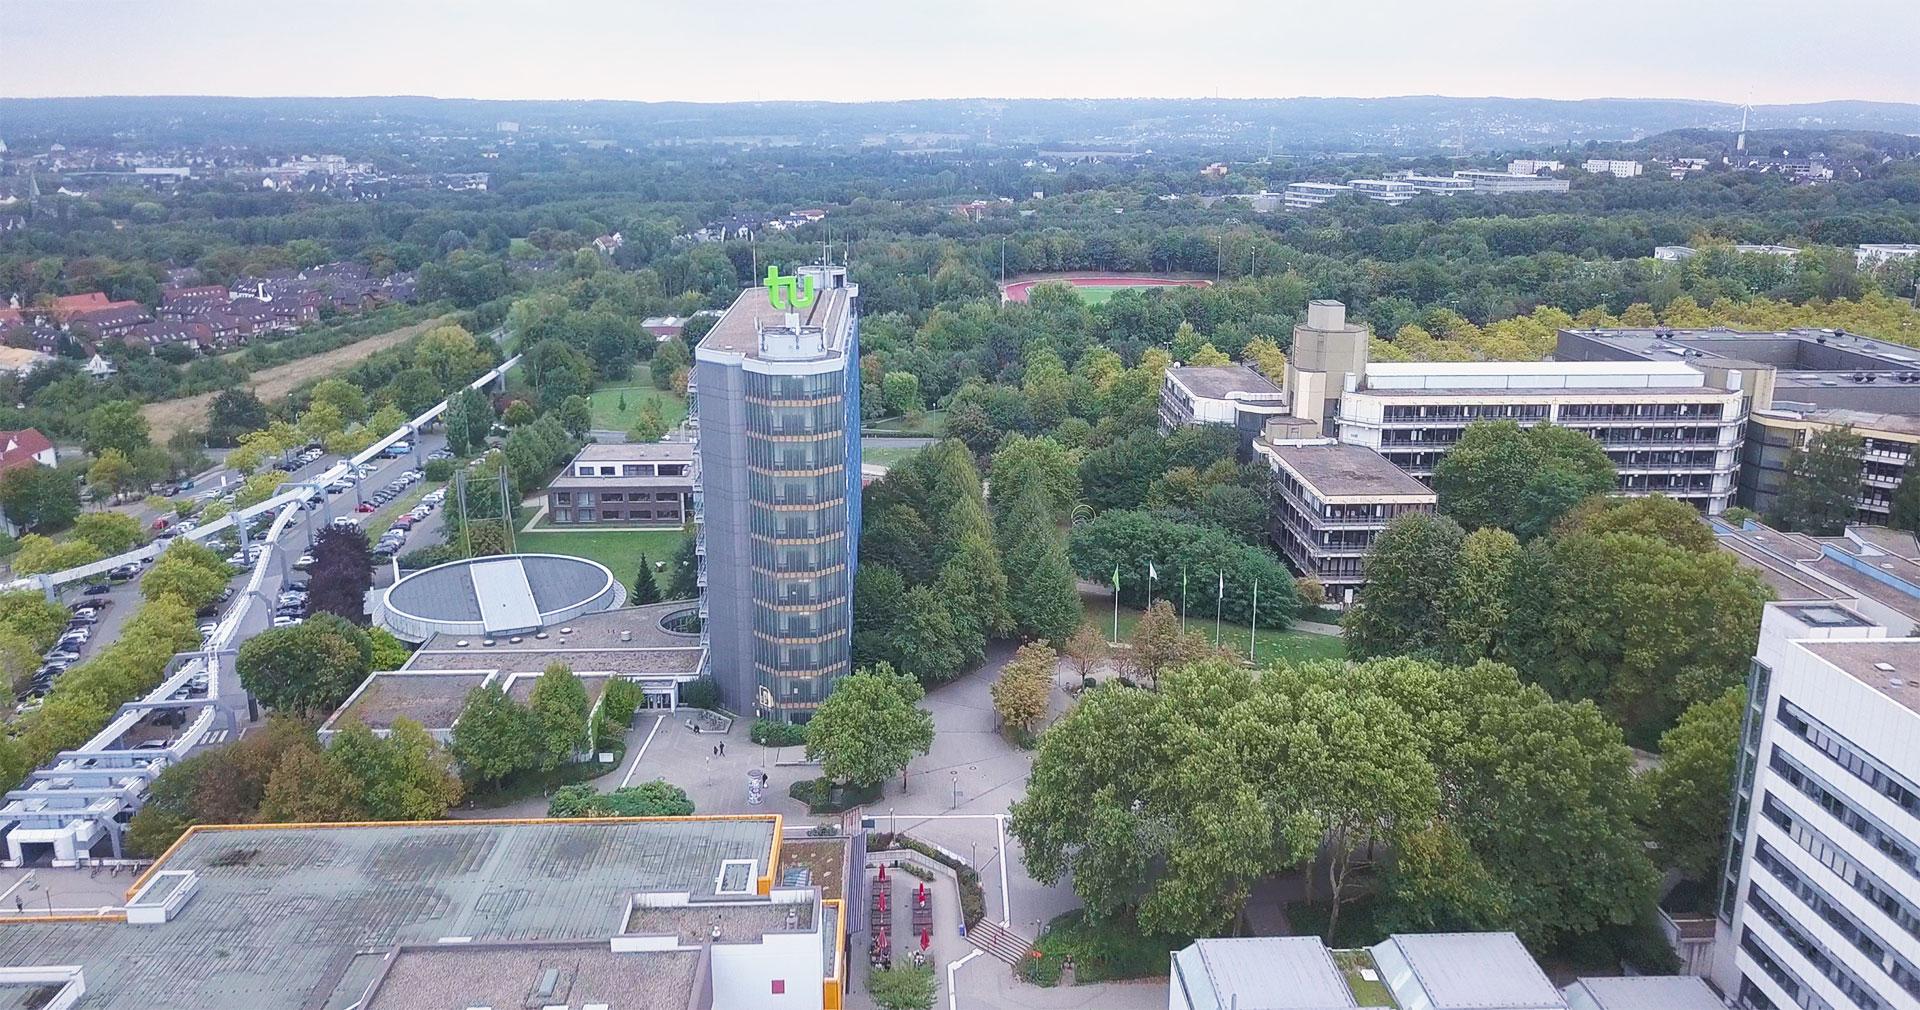 Interieurfotografie und Luftaufnahmen rund um Dortmund